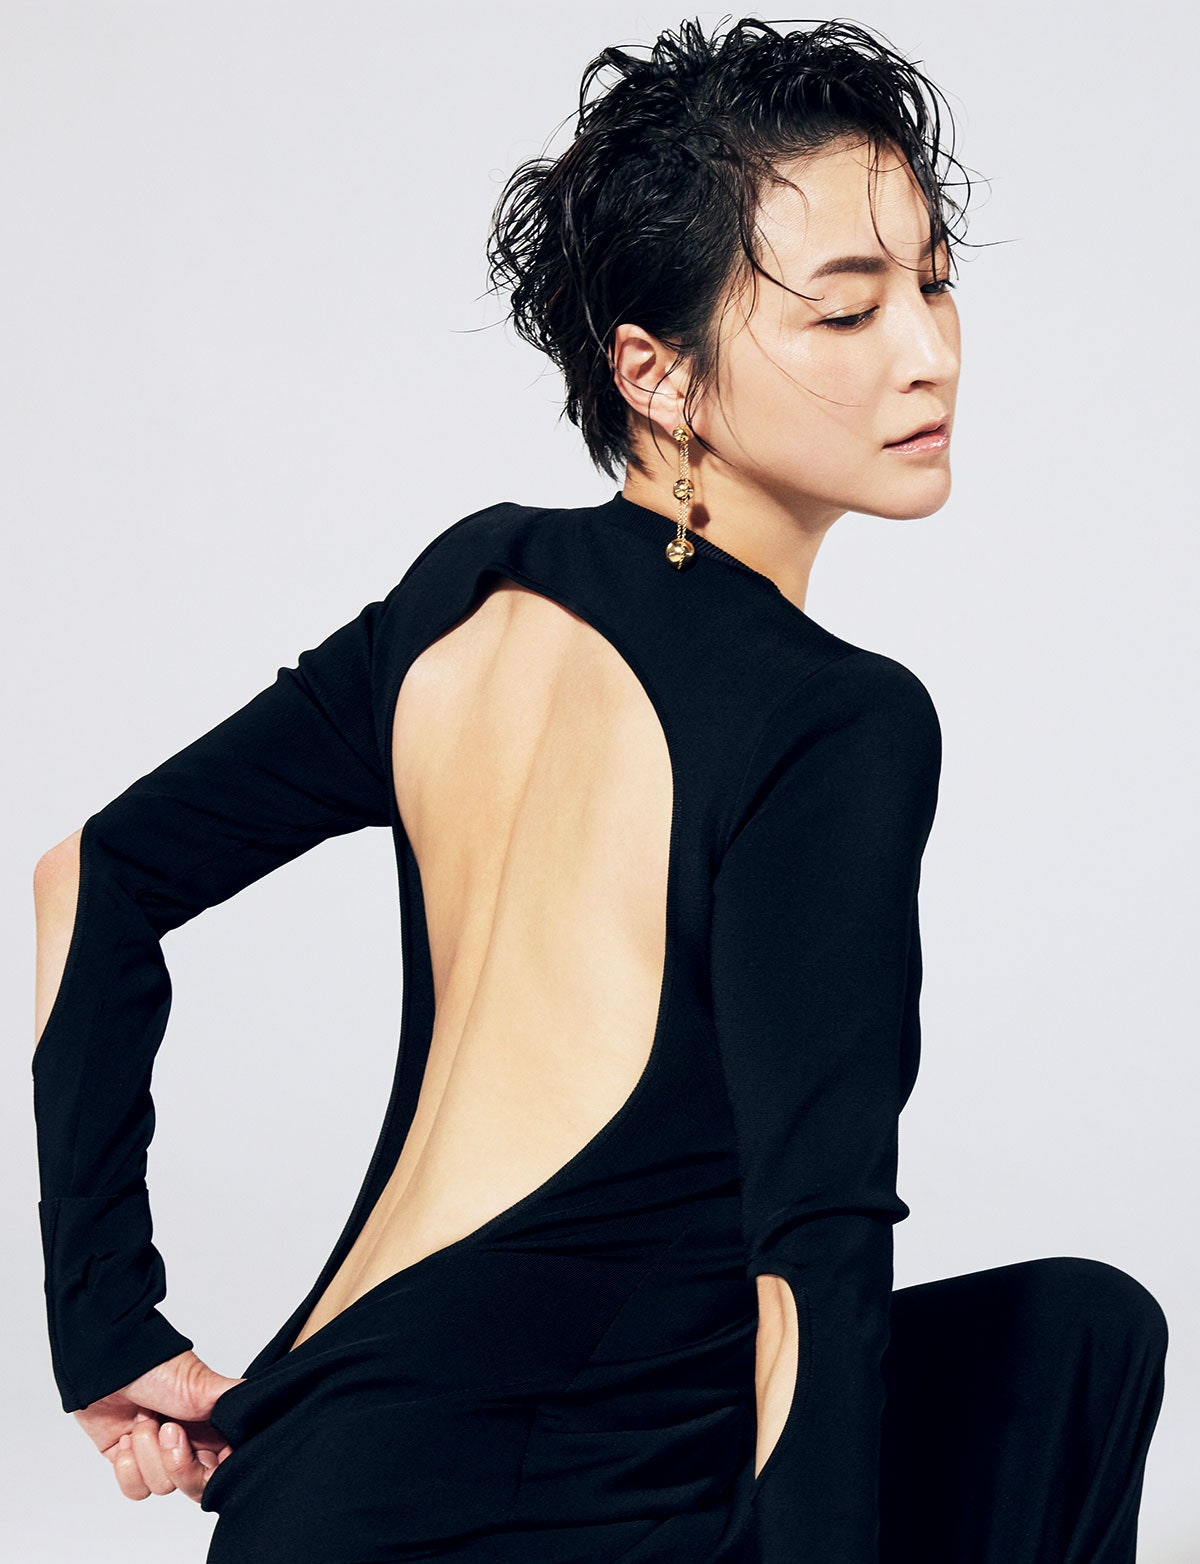 Hirosue Ryoko covers Vogue Beauty Japan July 2021 by Takahiro Igarashi